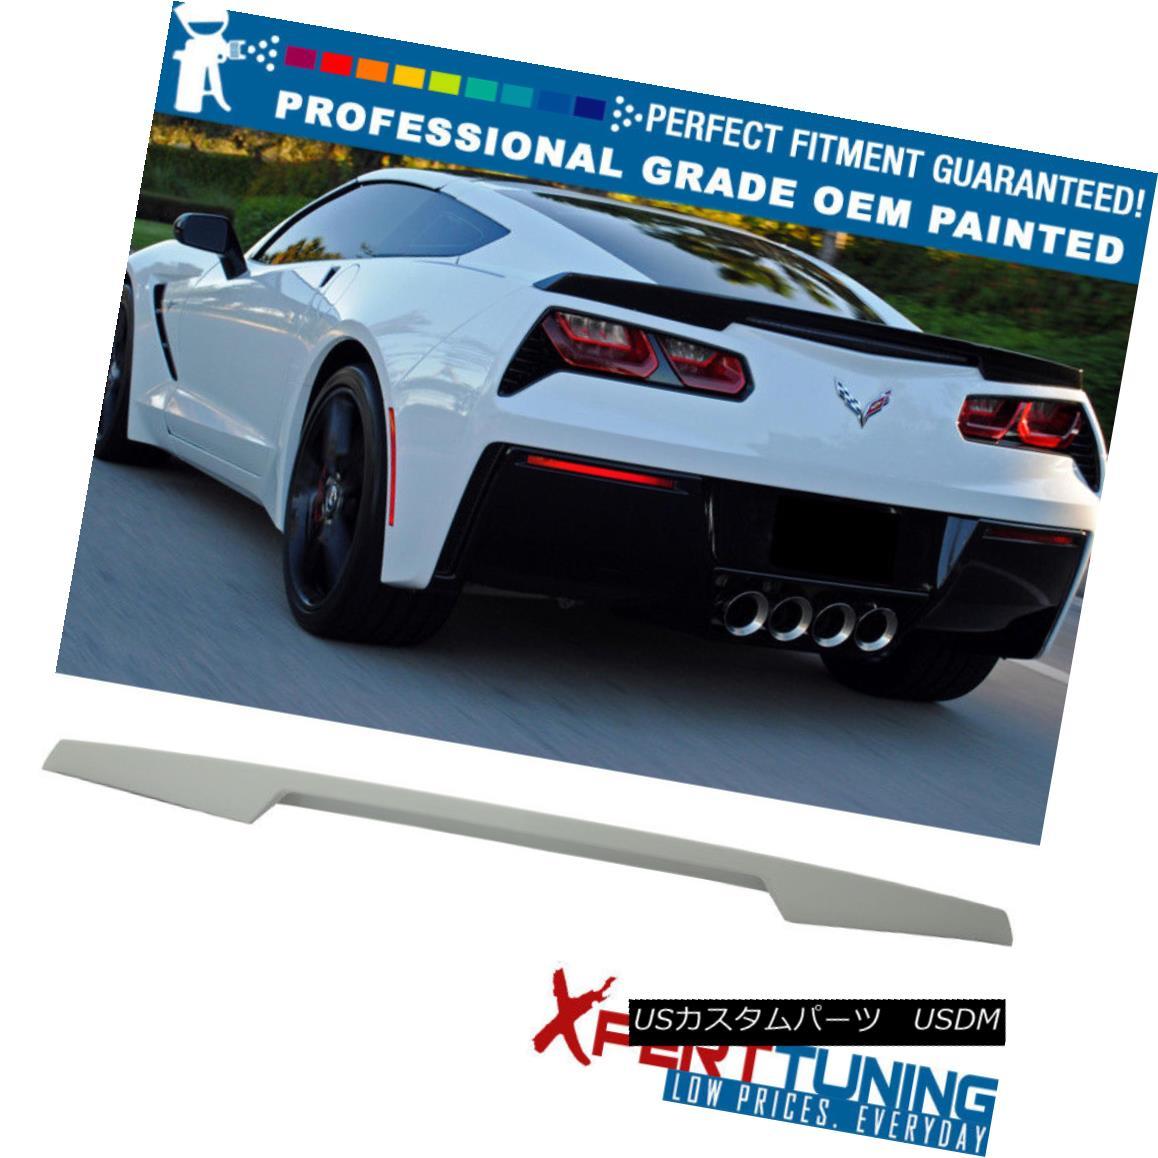 エアロパーツ 14-18 Chevy Corvette C7 Painted ABS Trunk Spoiler - OEM Painted Color 14-18シボレーコルベットC7塗装ABSトランクスポイラー - OEM塗装色